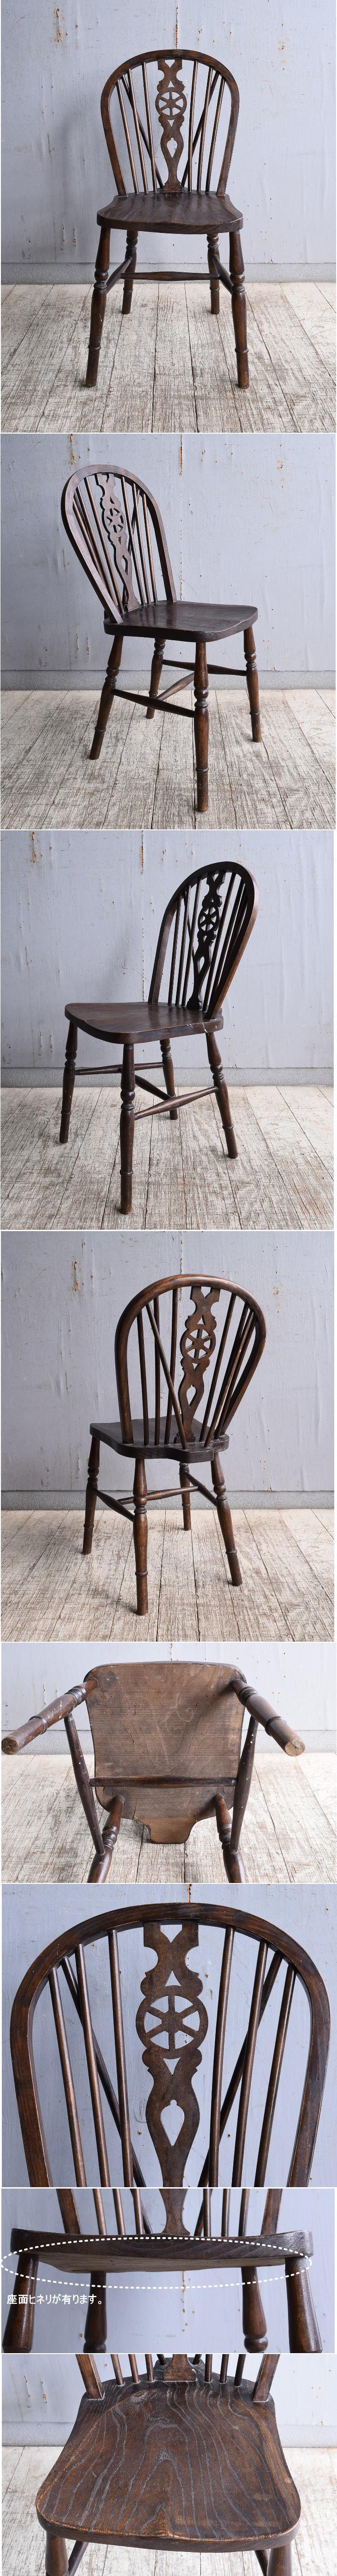 イギリス アンティーク家具 キッチンチェア 椅子 10348